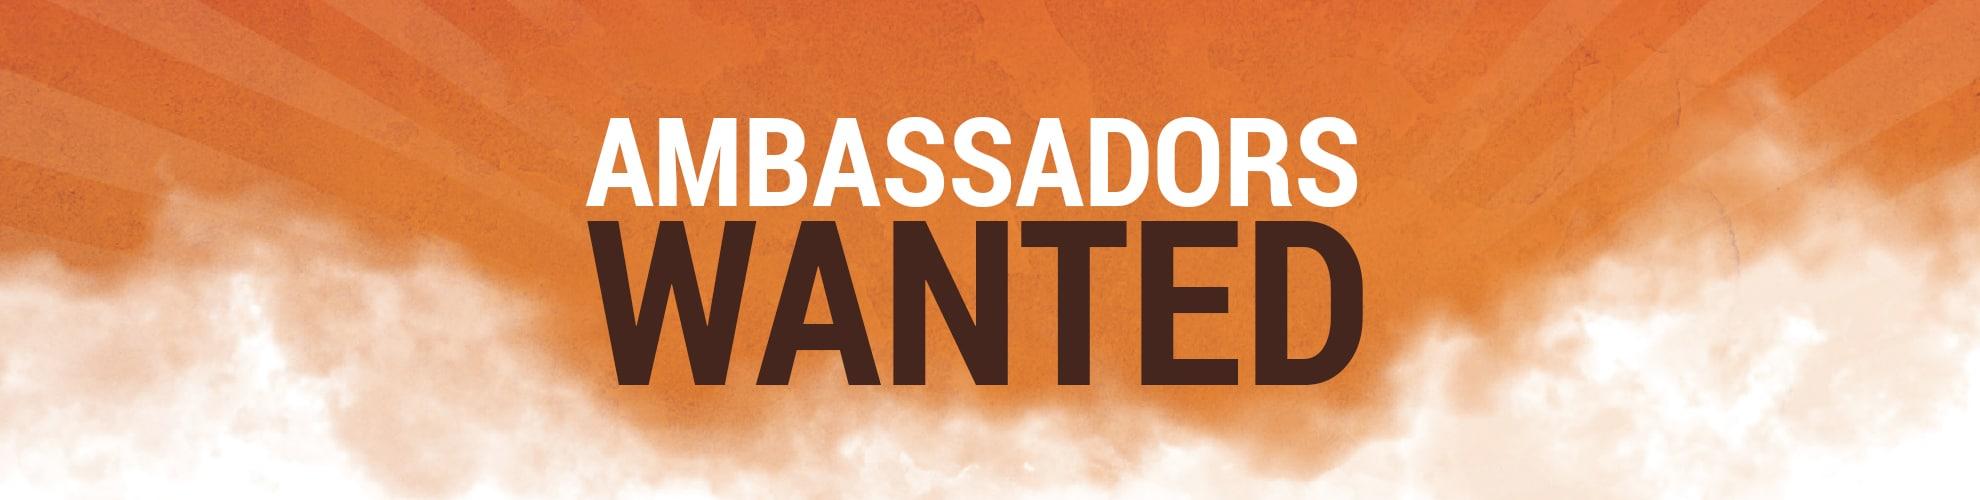 Ambassador Wanted